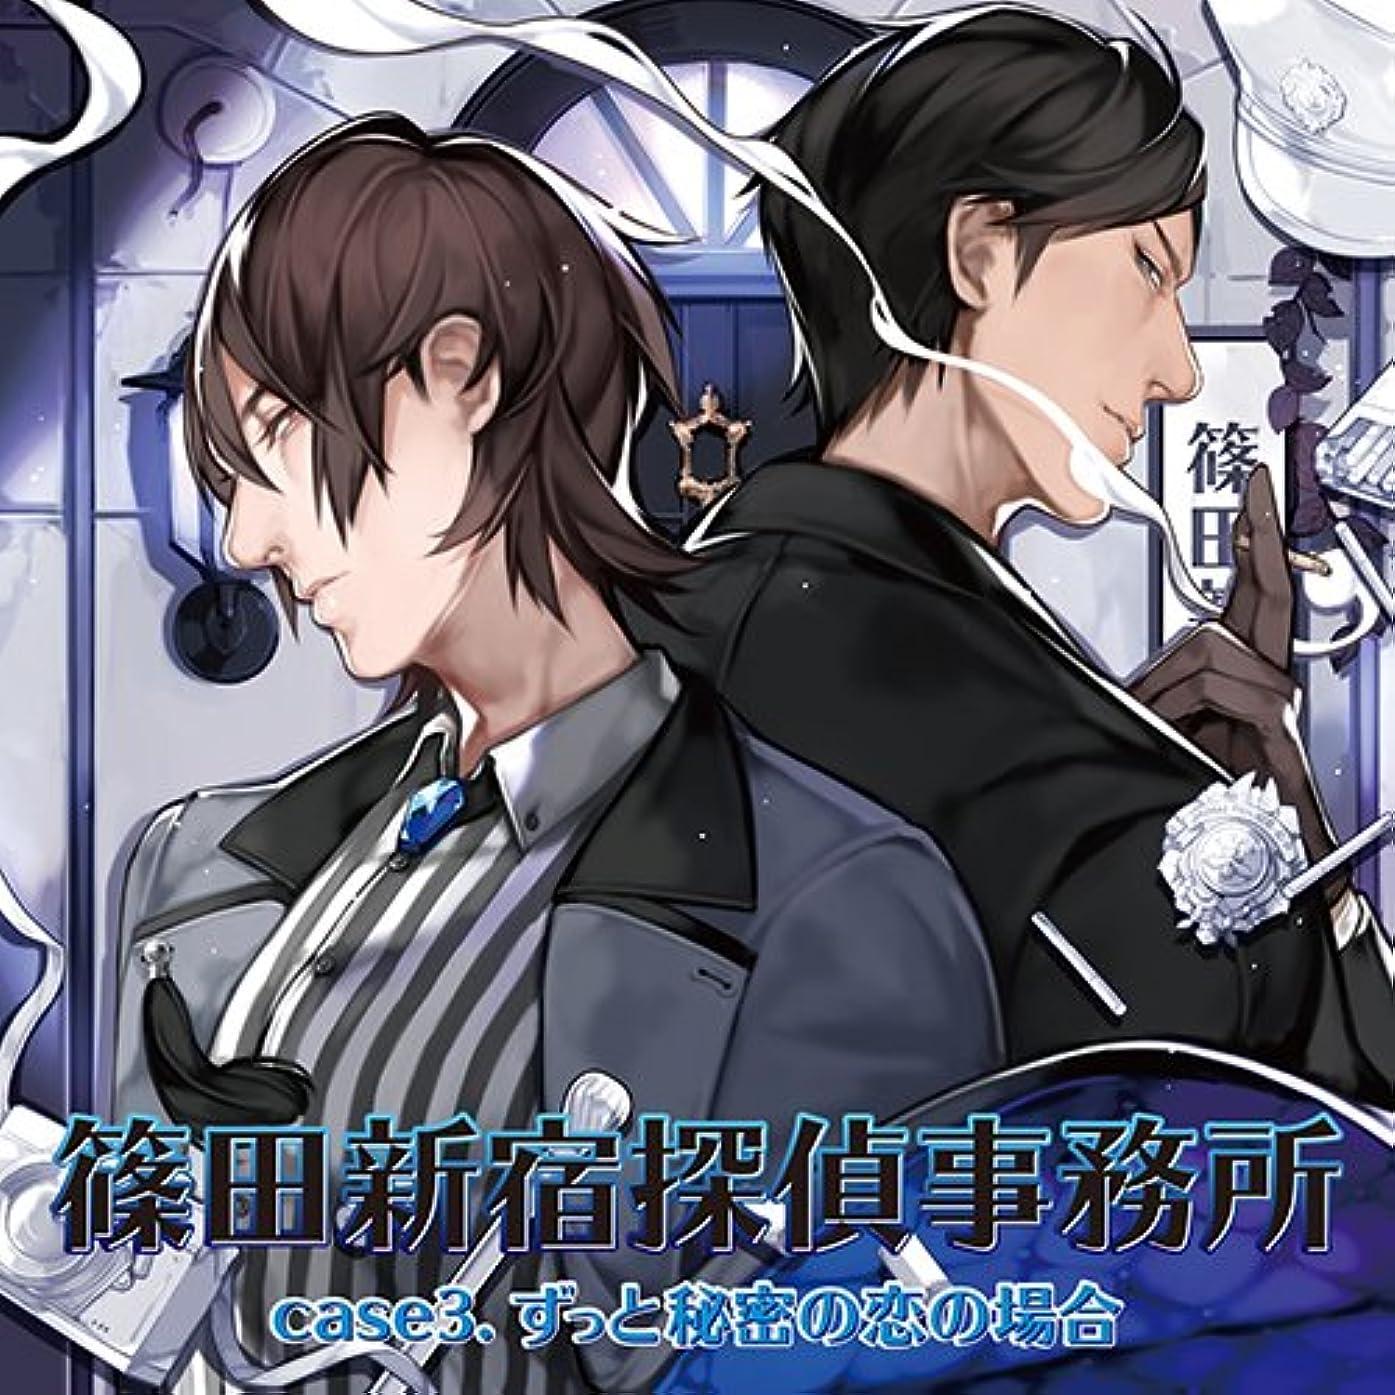 そっとニックネームバス篠田新宿探偵事務所 case3.ずっと秘密の恋の場合